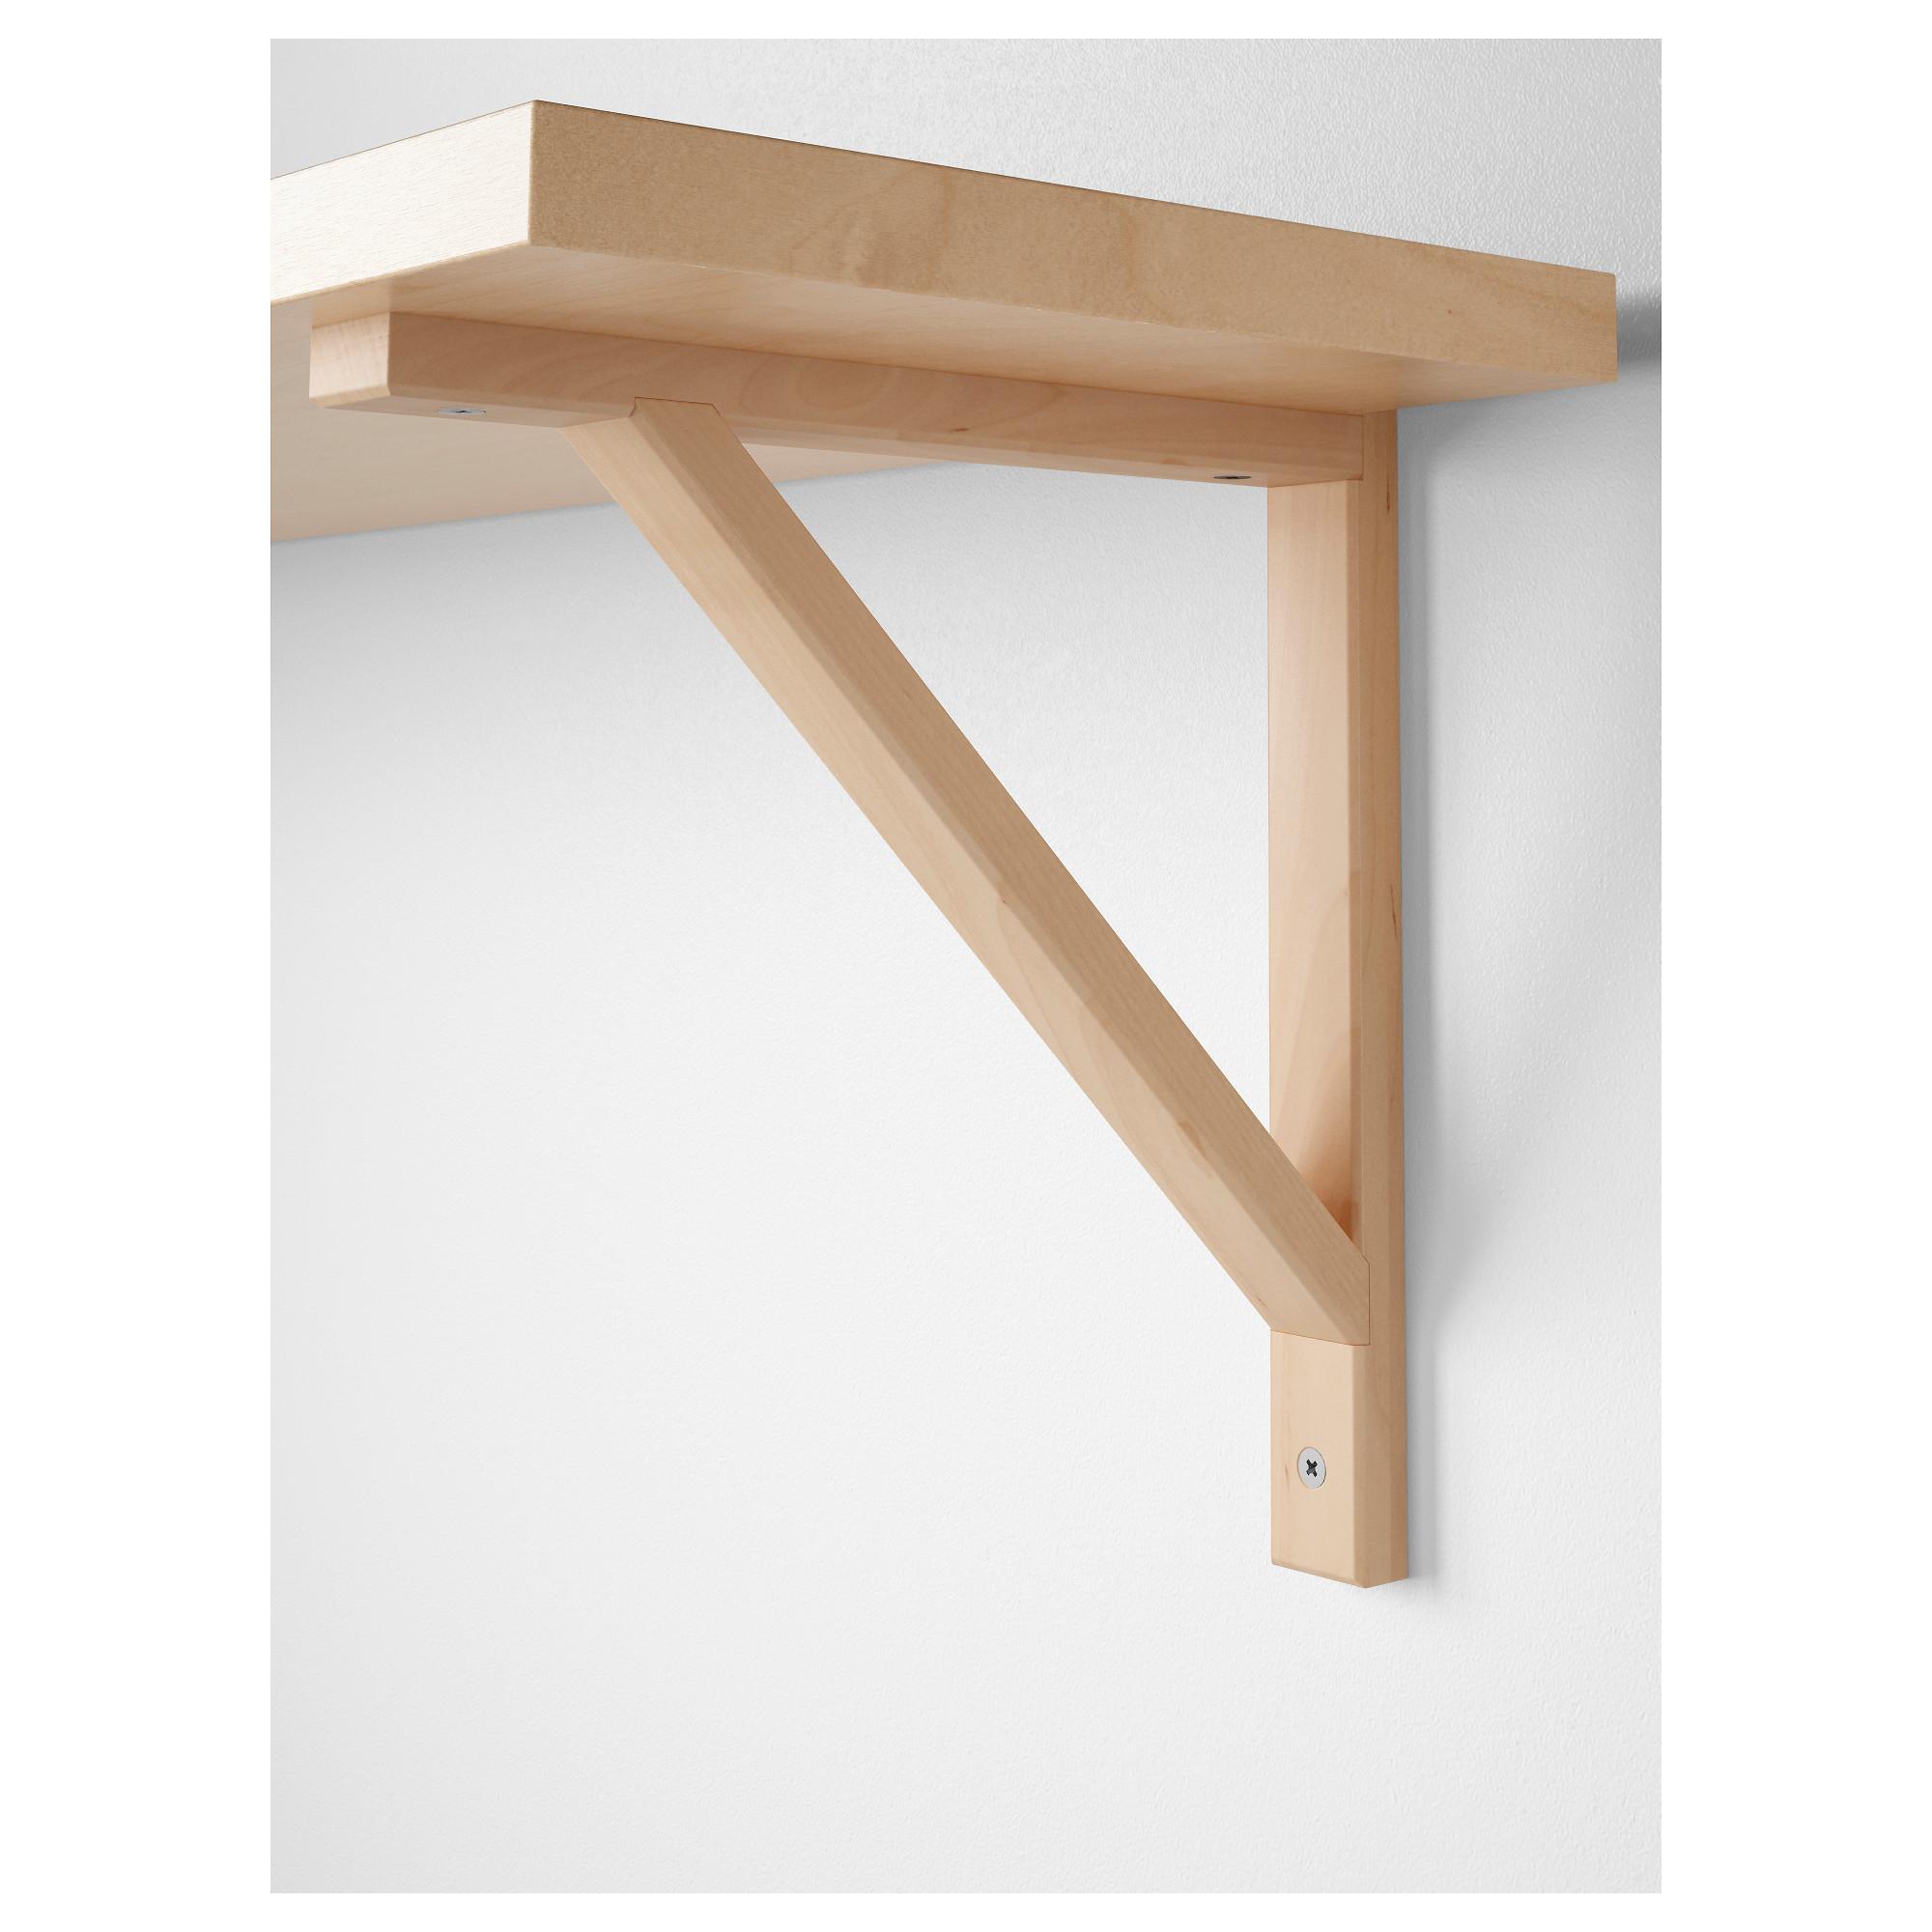 Ikea Us Furniture And Home Furnishings Ikea Ekby Wood Shelf Brackets Ikea Shelf Brackets